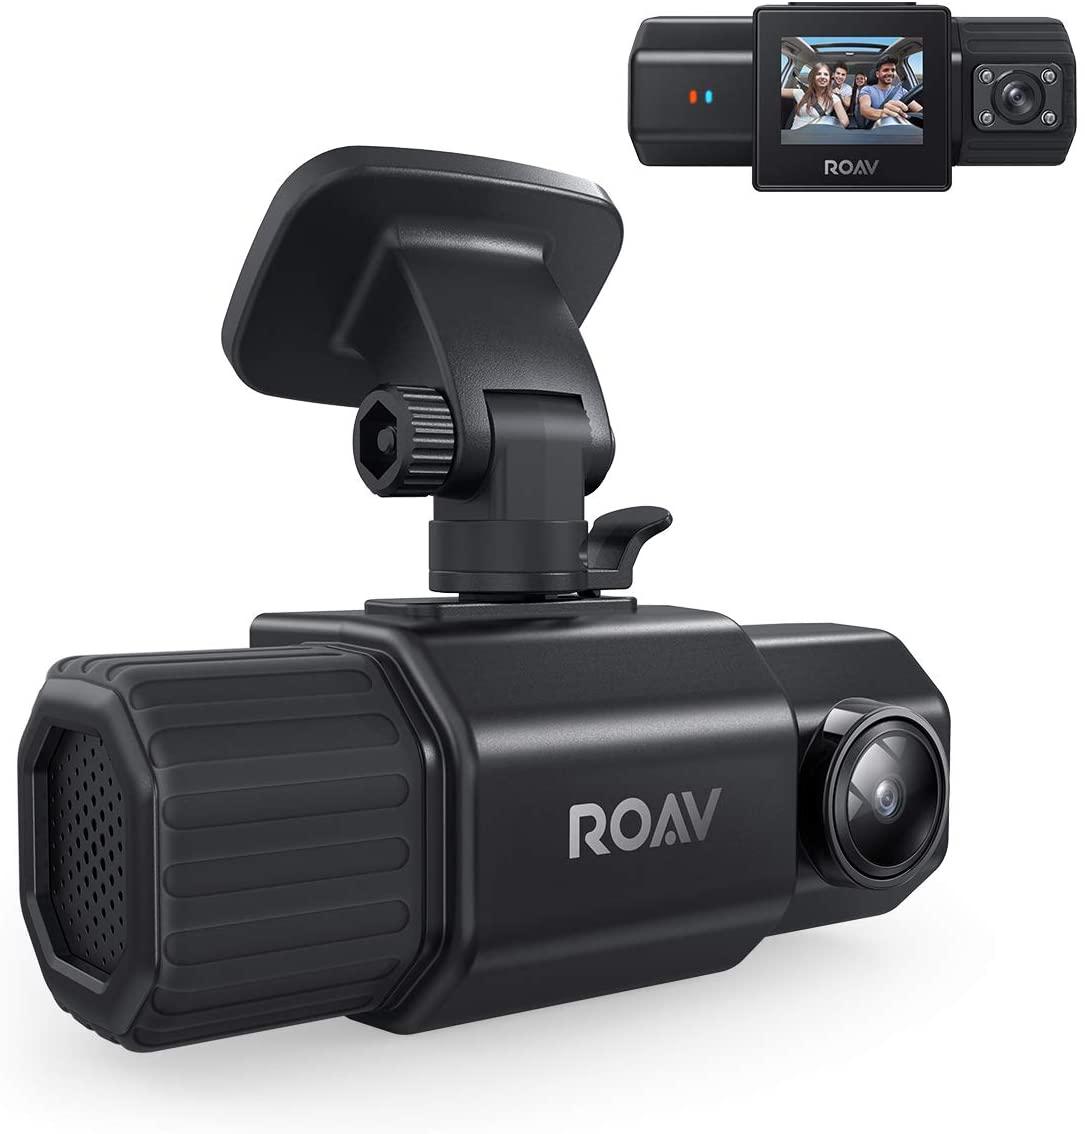 Anker ROAV Dual Dash Cam Duo, Dual FHD 1080p Dash Cam $70